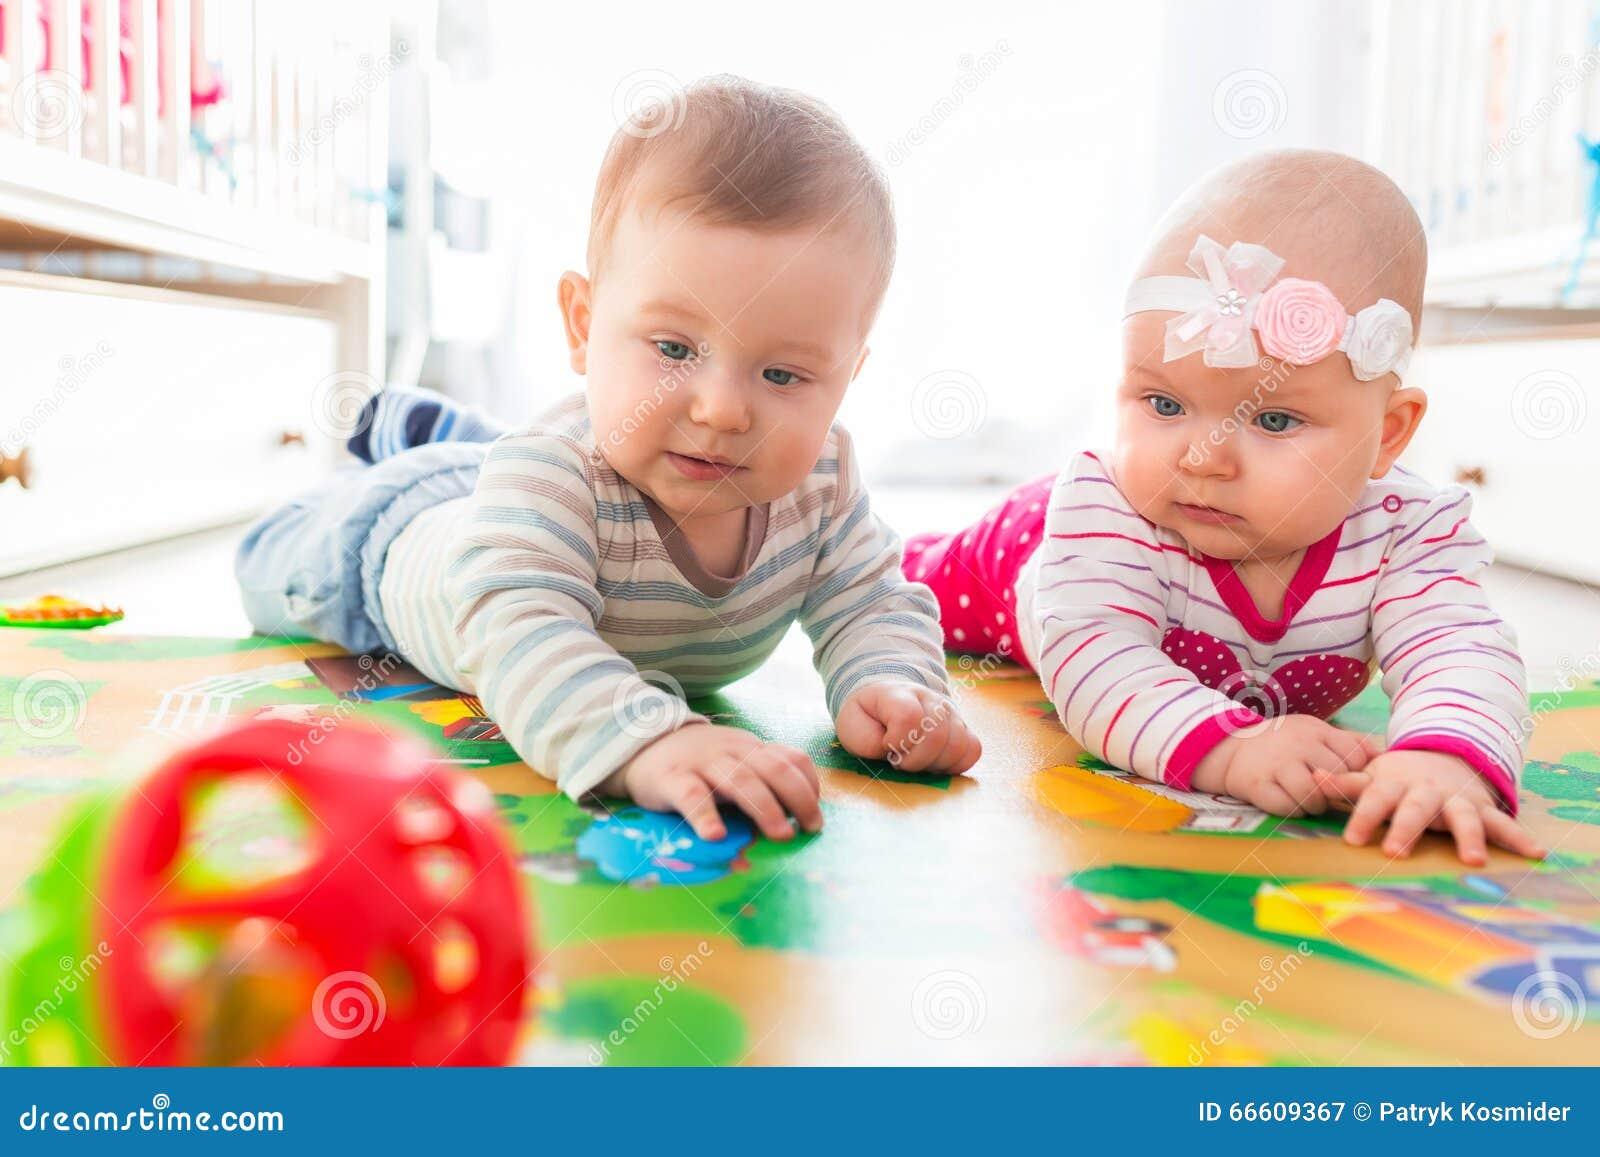 Les Bébés Filles Jumeaux : Jumeaux de bébé garçon et fille jouant avec la boule